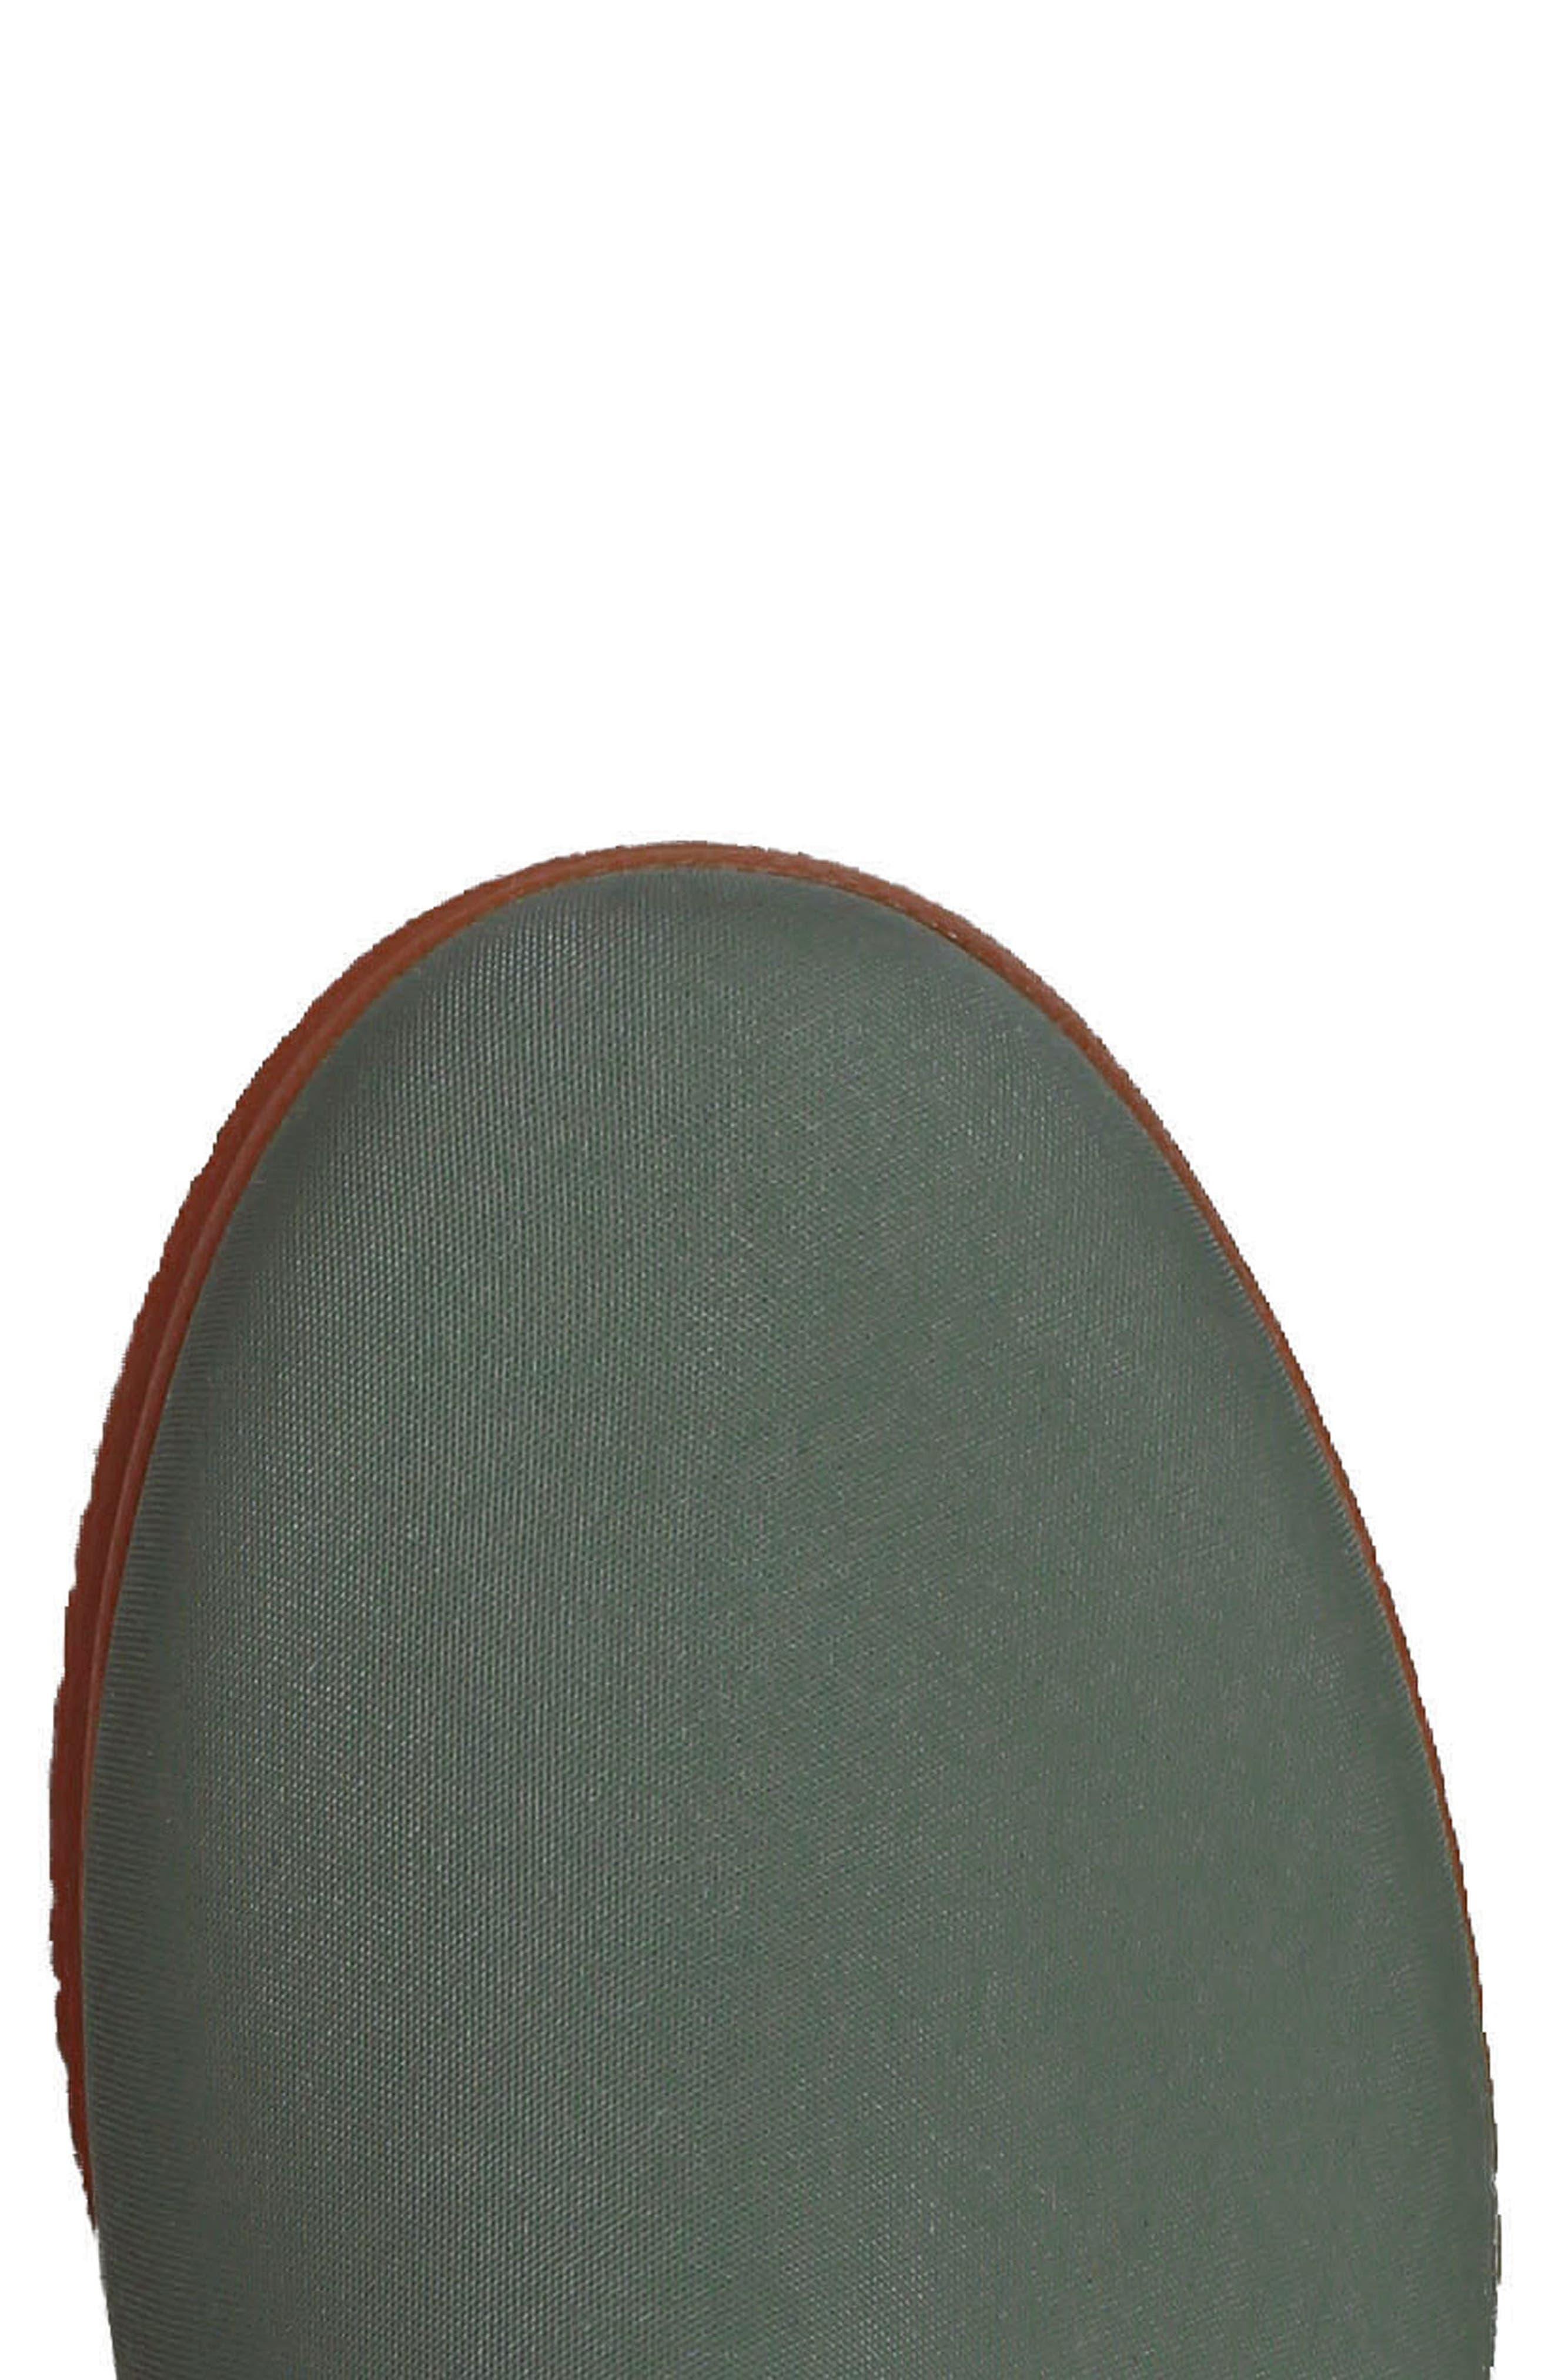 BOGS,                             Sweetpea Waterproof Slip-On Sneaker,                             Alternate thumbnail 8, color,                             SAGE